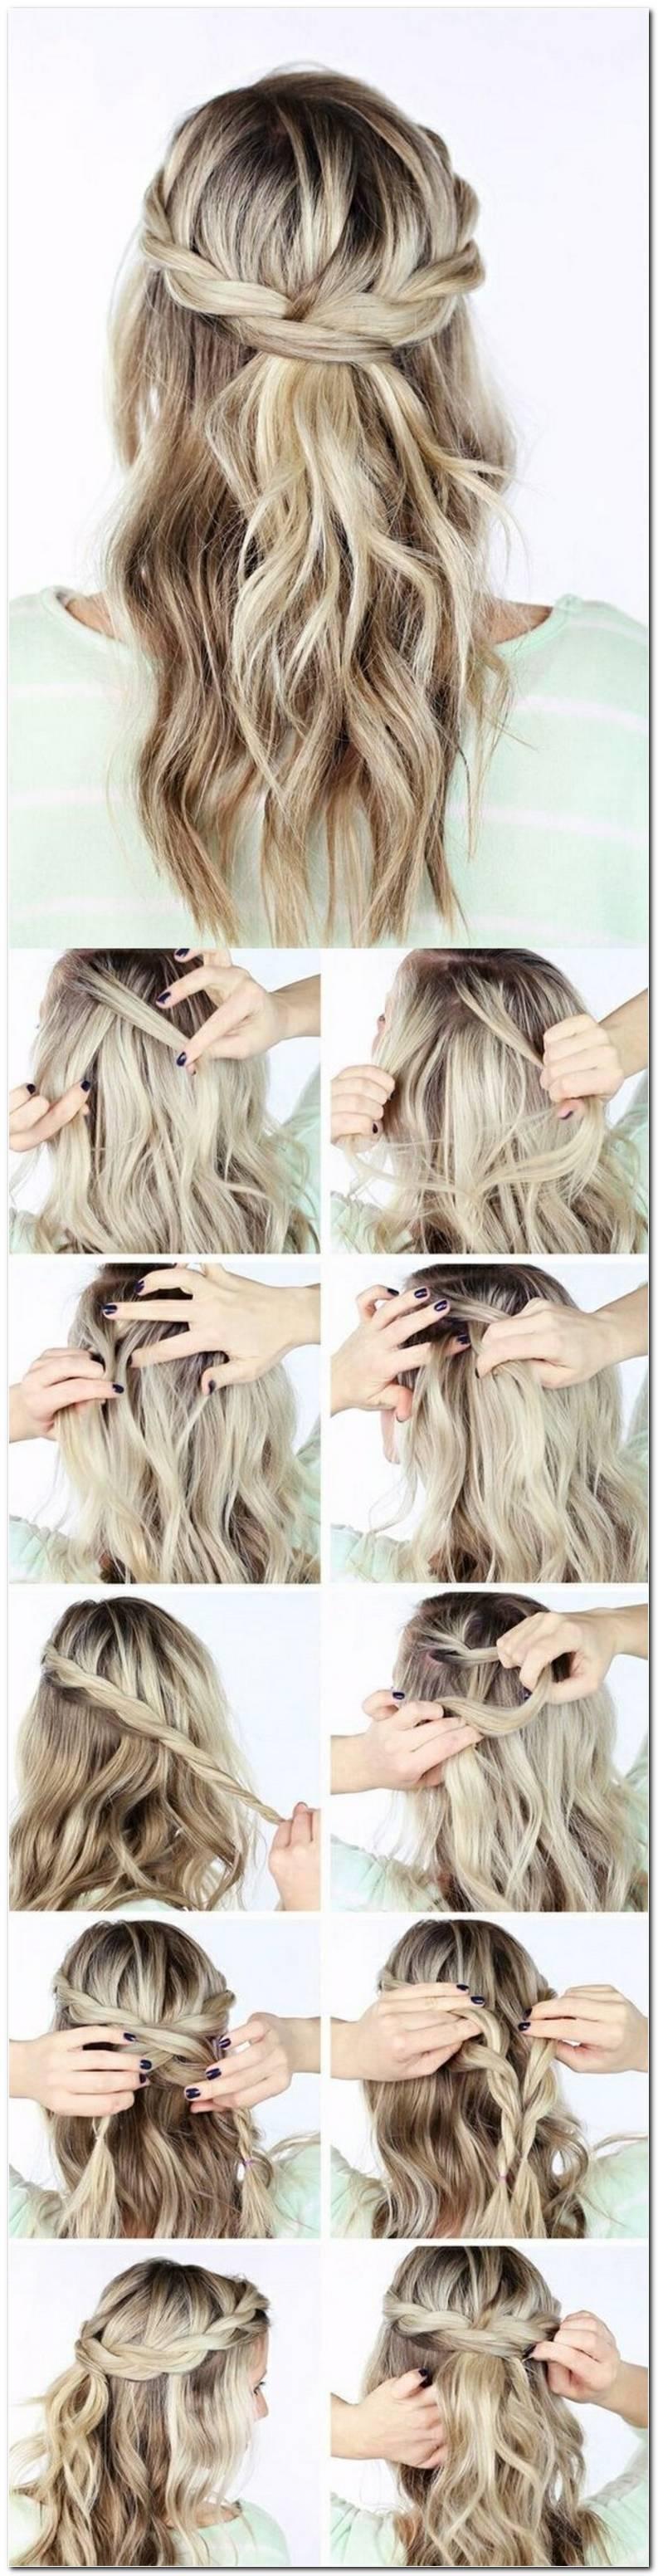 SchöNe Frisuren Mit Offenen Haaren Zum Selber Machen